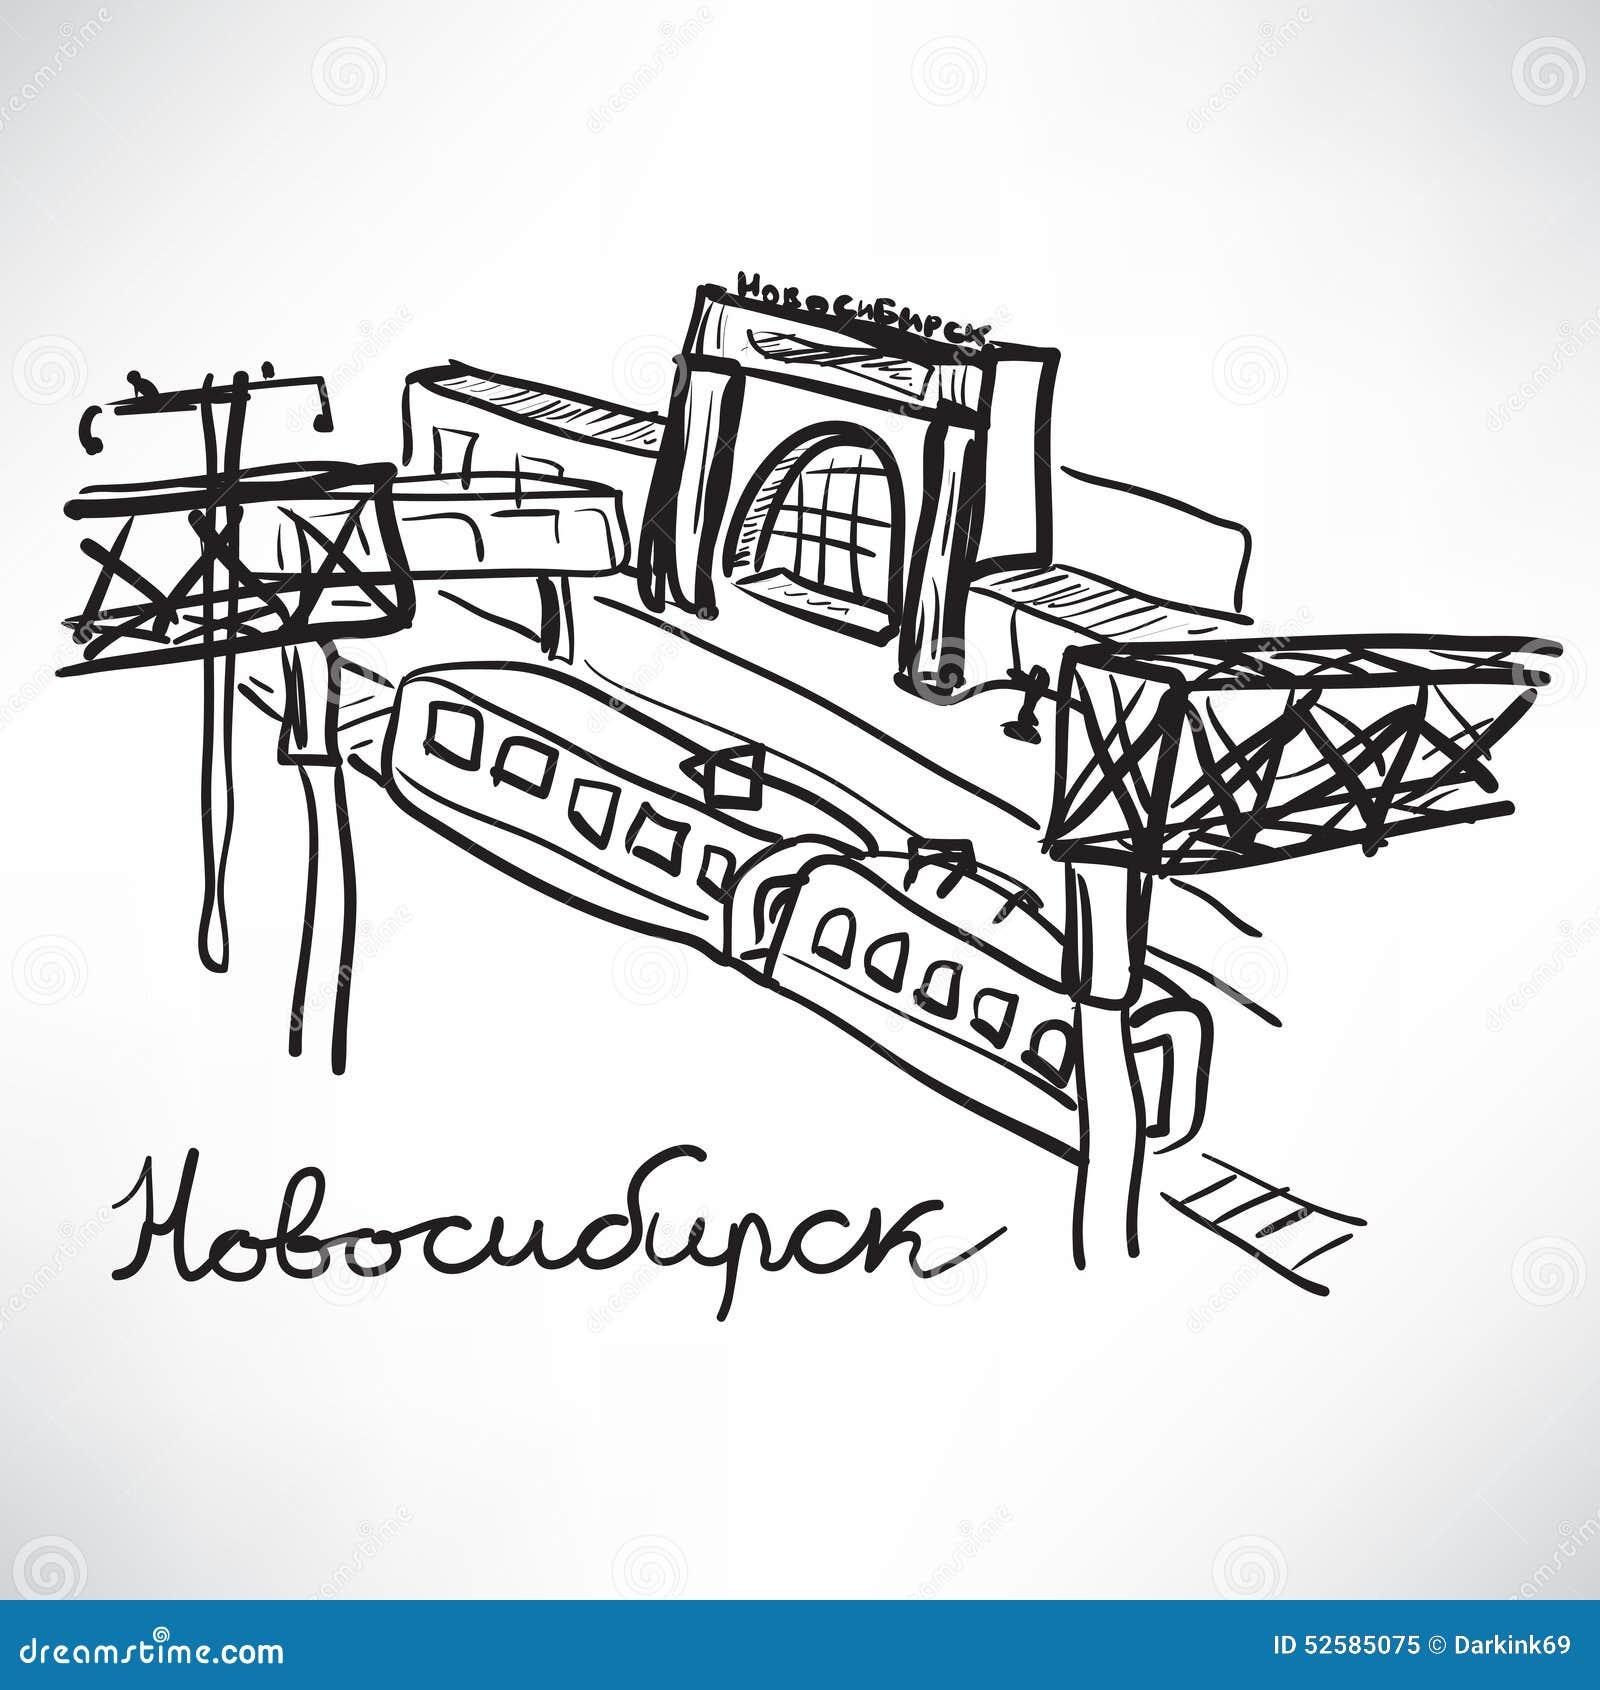 Сочельника, новосибирск в картинках вектор